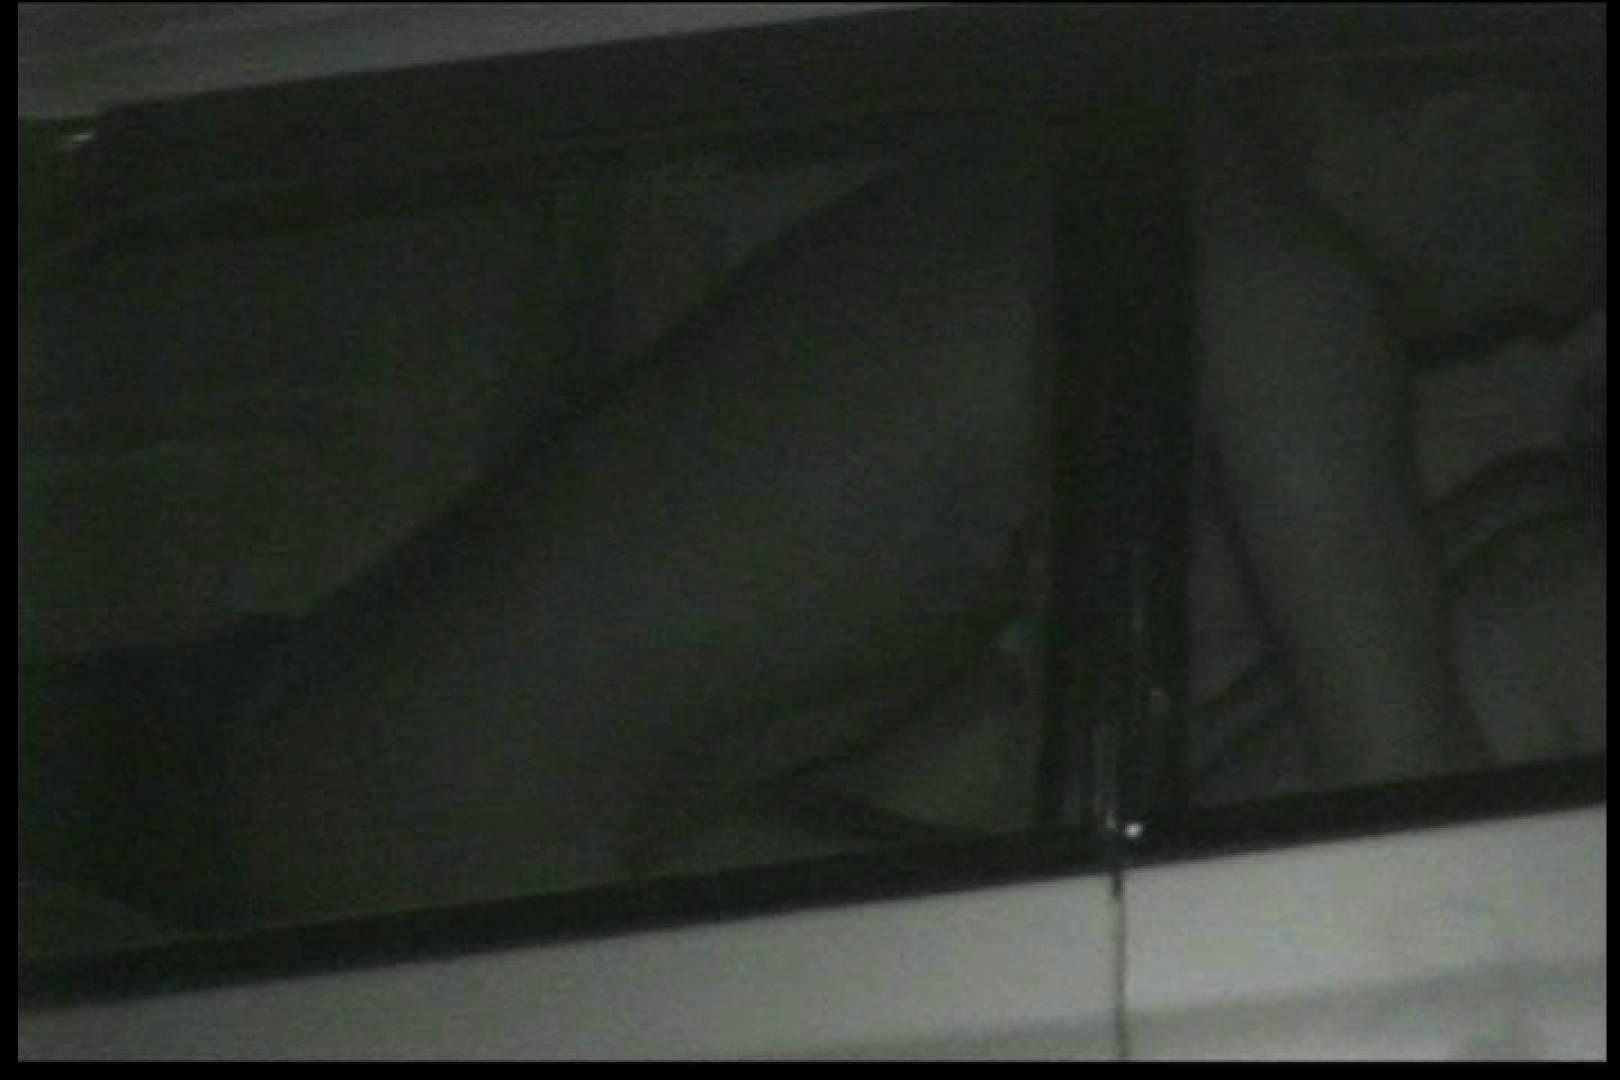 車の中はラブホテル 無修正版  Vol.12 感じるセックス オマンコ動画キャプチャ 109連発 11